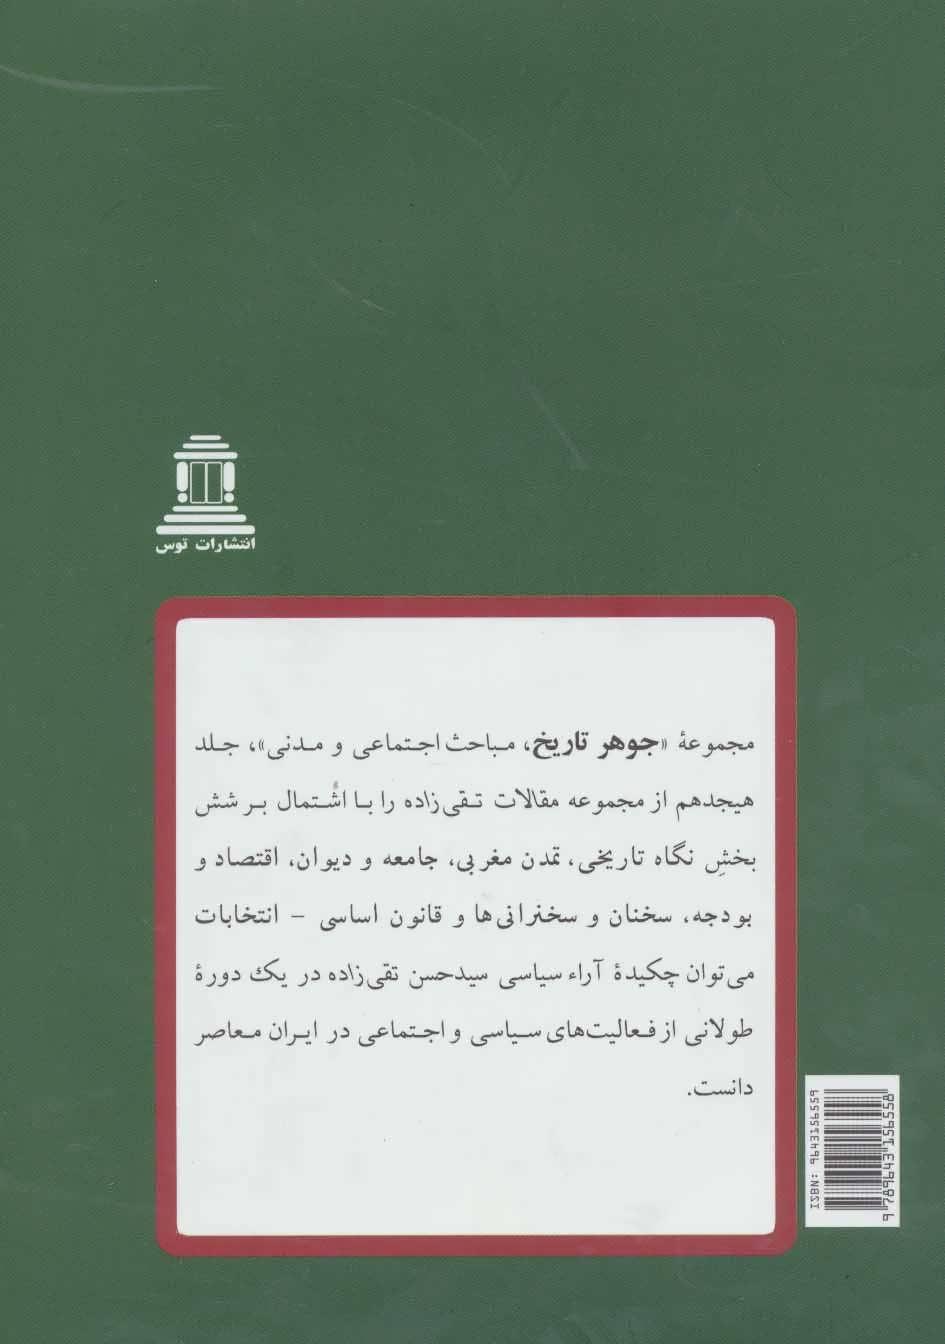 مقالات تقی زاده18 (جوهر تاریخ:مباحث اجتماعی و مدنی)